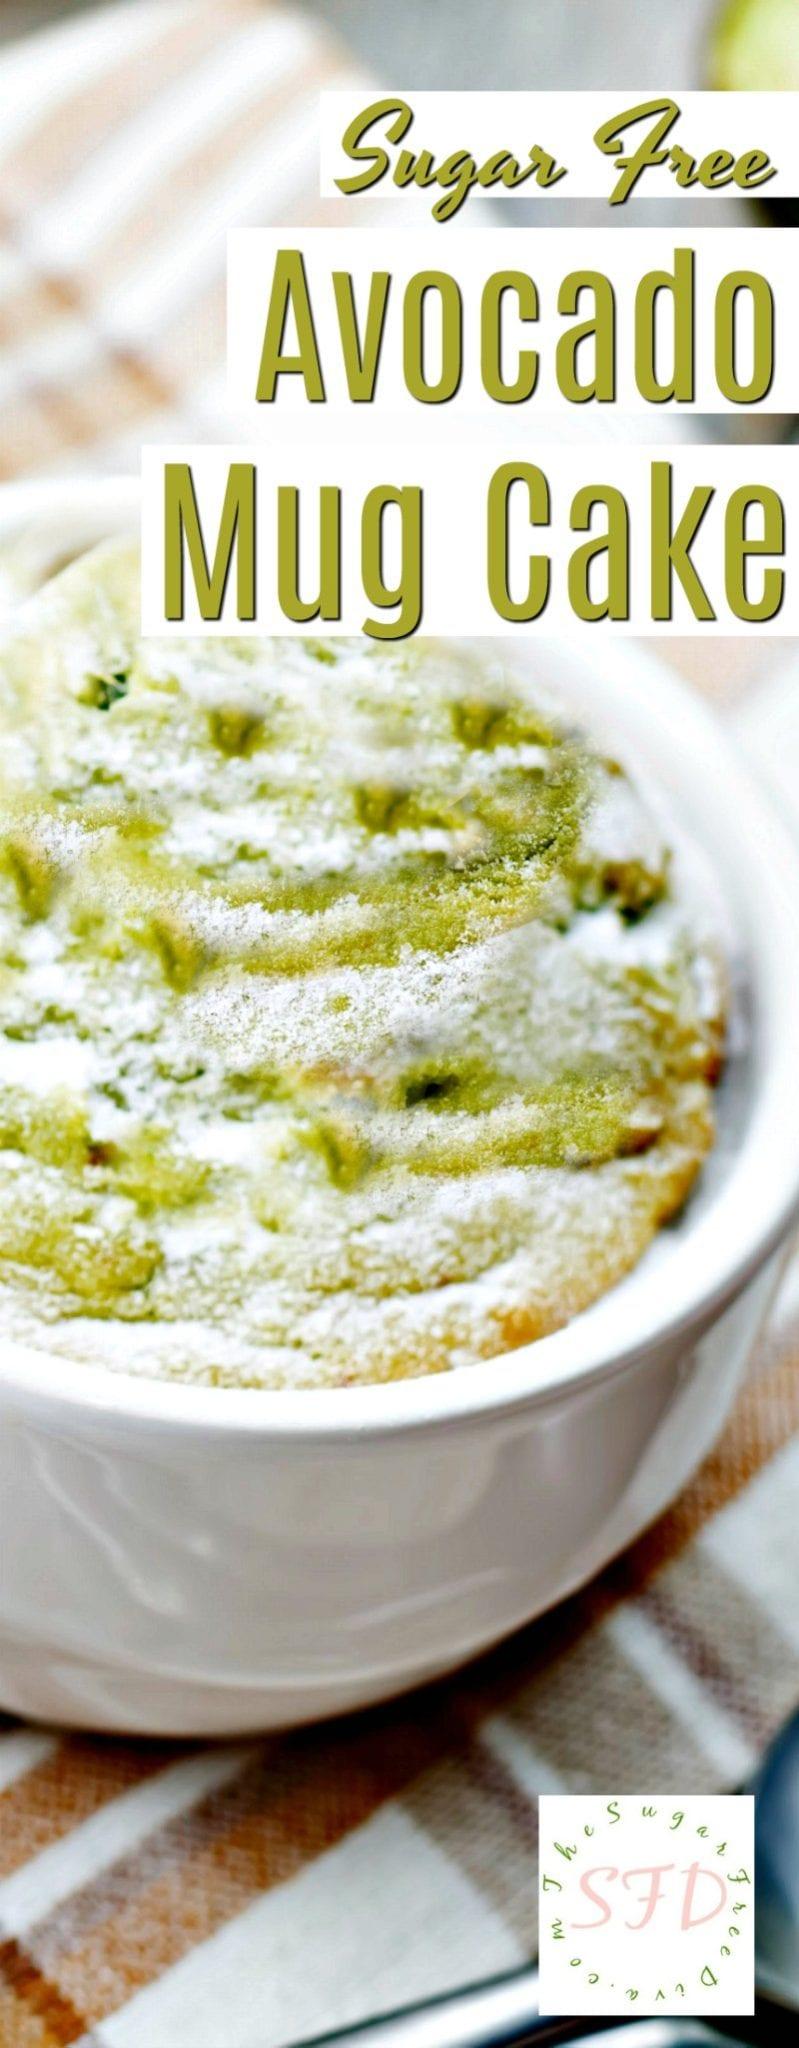 Sugar Free Avocado Mug Cake